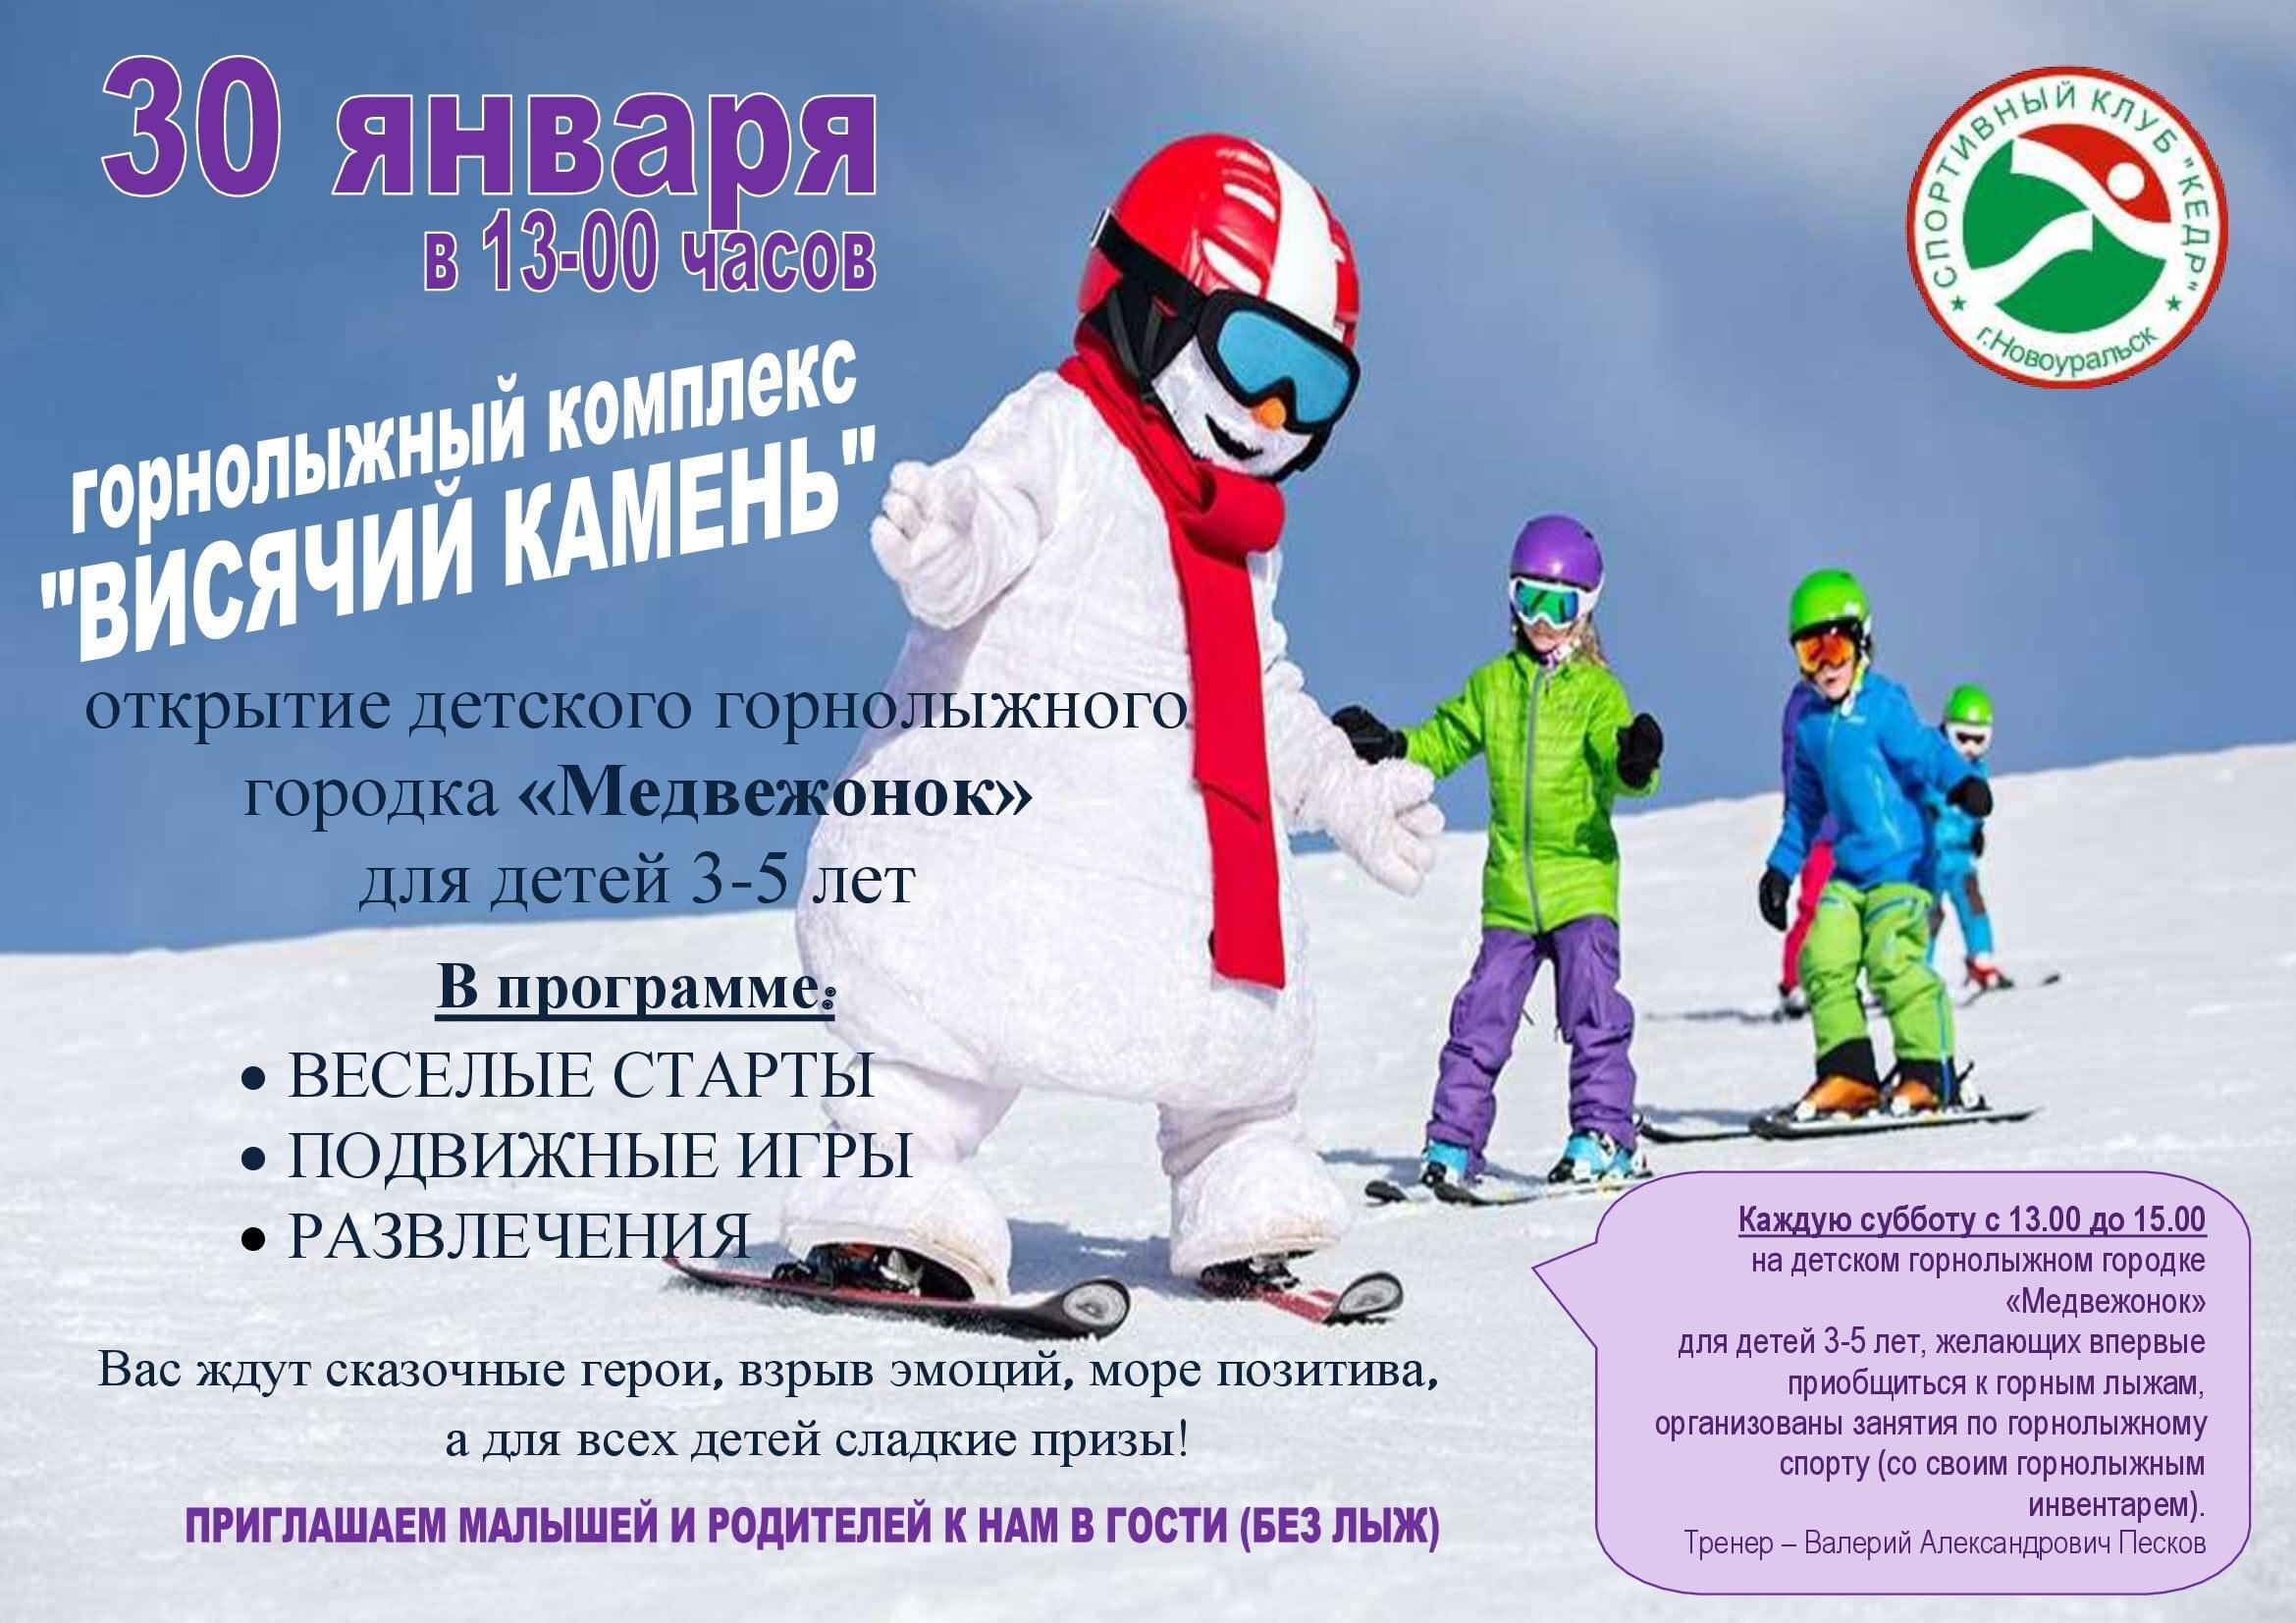 Открытие детского горнолыжного городка